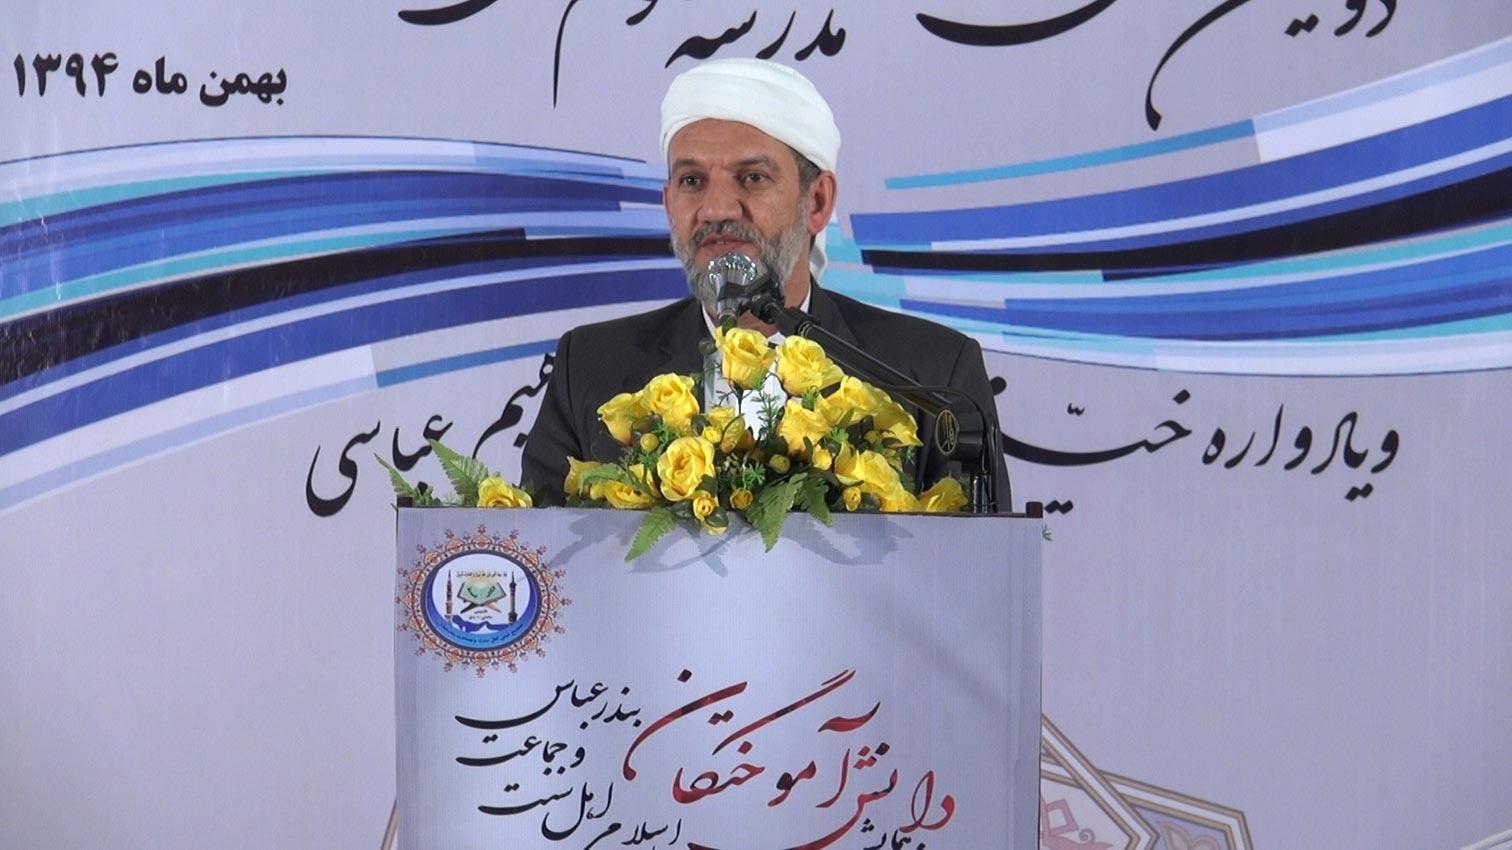 شیخ سید مسعود وخشوری